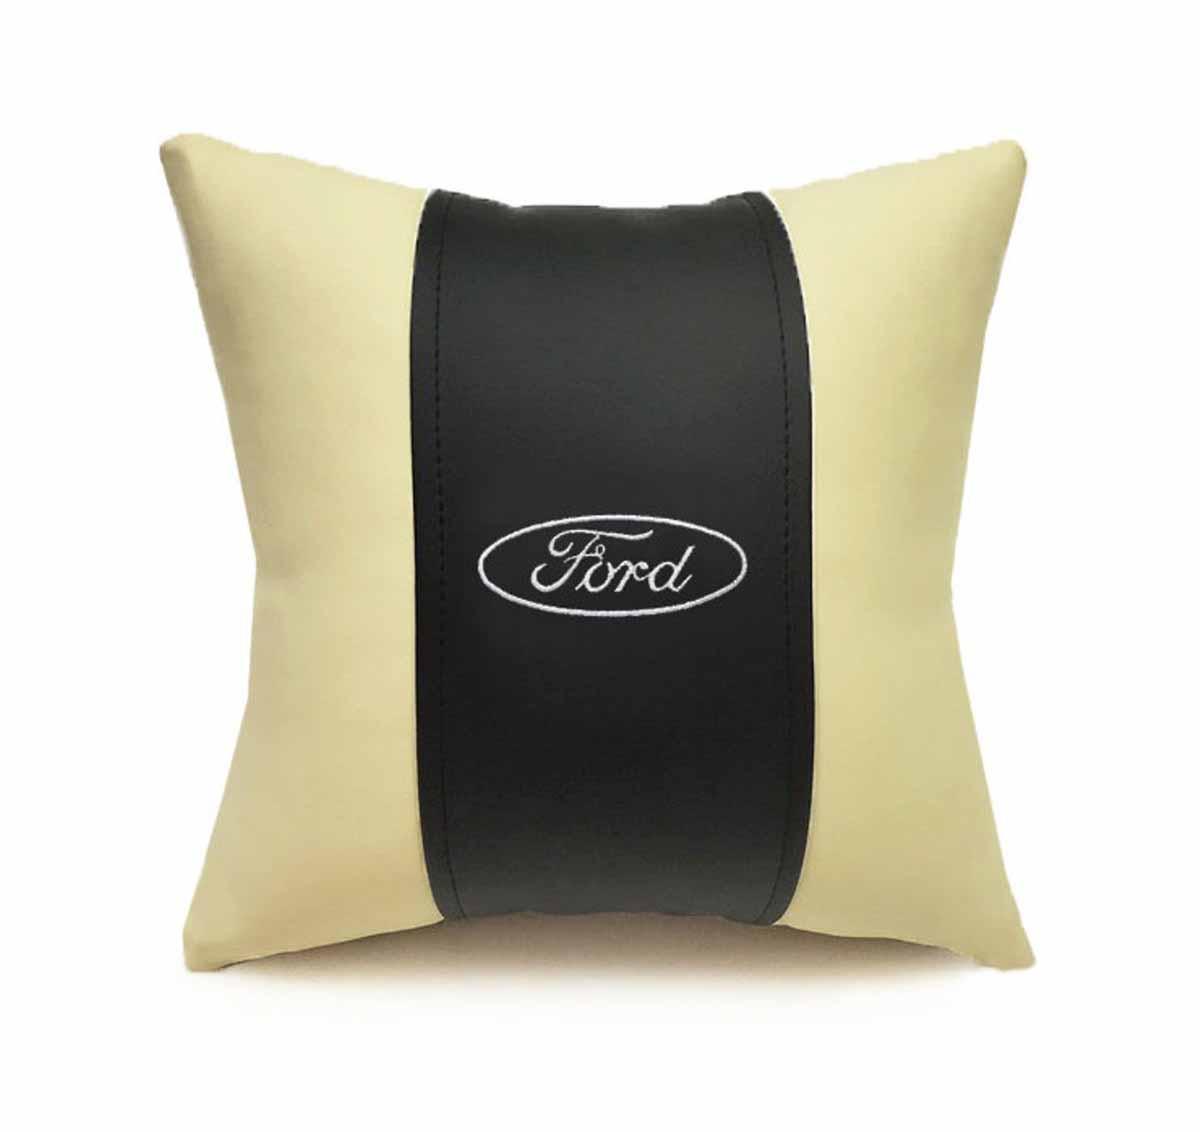 Подушка декоративная Auto premium Ford, цвет: черный, бежевый37045Подушка в машину с вышивкой автологотипа Auto Premium Ford - отличное дополнение для салона вашего авто. Мягкая подушка, изготовленная из матовой экокожи, будет удобна пассажиру. Она долго не перестанет радовать вас своим видом. Оптимальный размер подушки (30 х 30 см) не загромождает салон автомобиля.